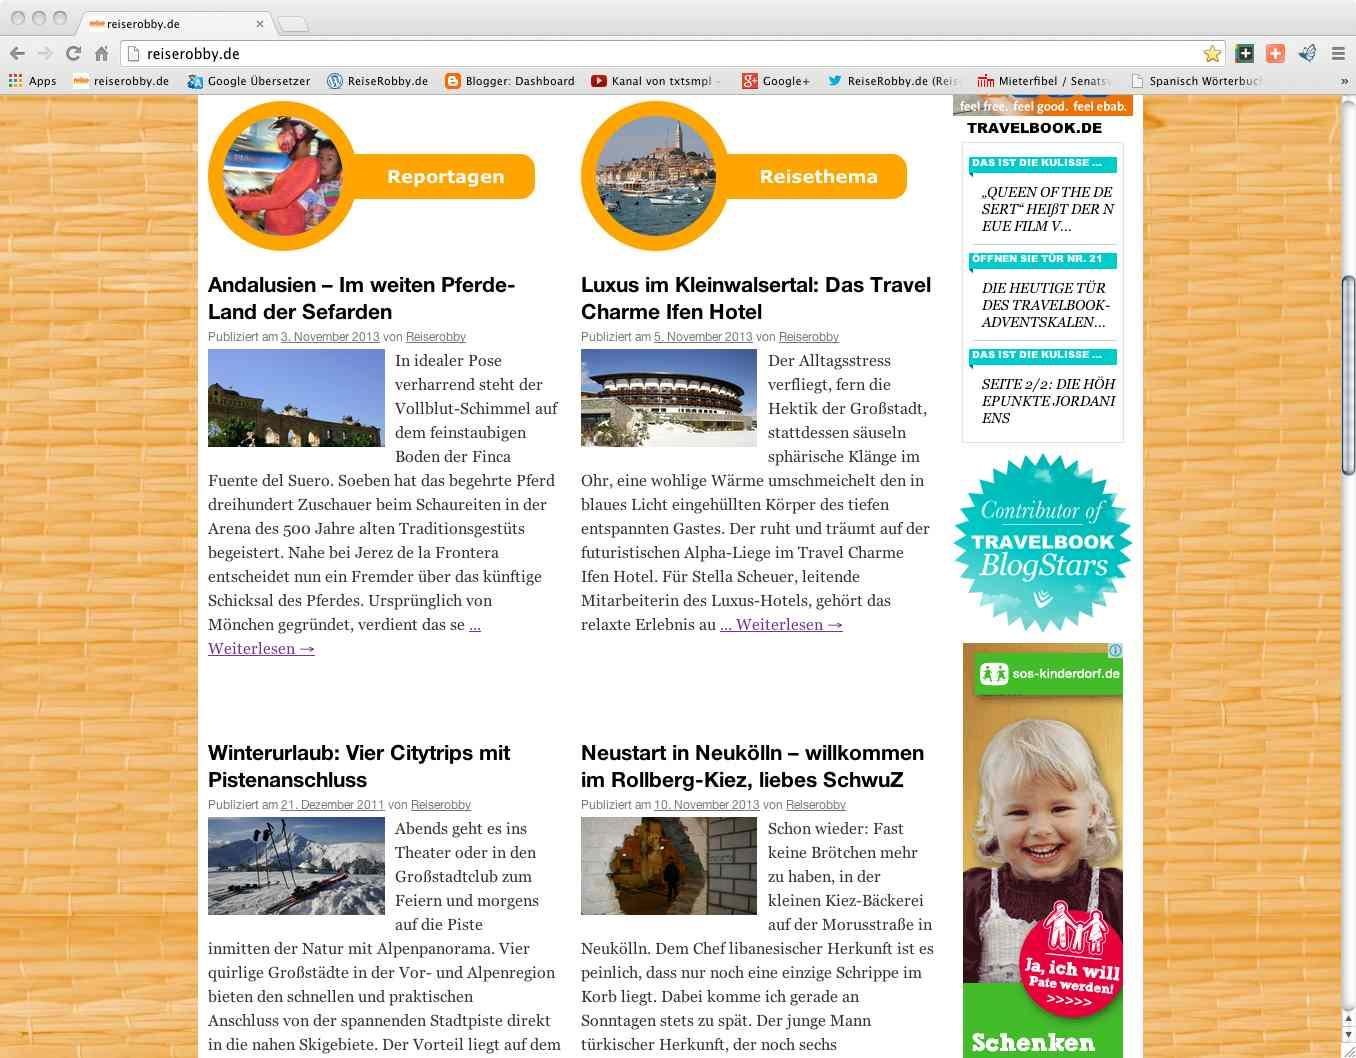 Magazin-Look: die neusten drei Artikel aus den Rubriken Hotellerie, Hintergrund und Höhepunkte (Reisethema) sowie Traumziele, Wintersport und Stadtansichten (Reportagen)